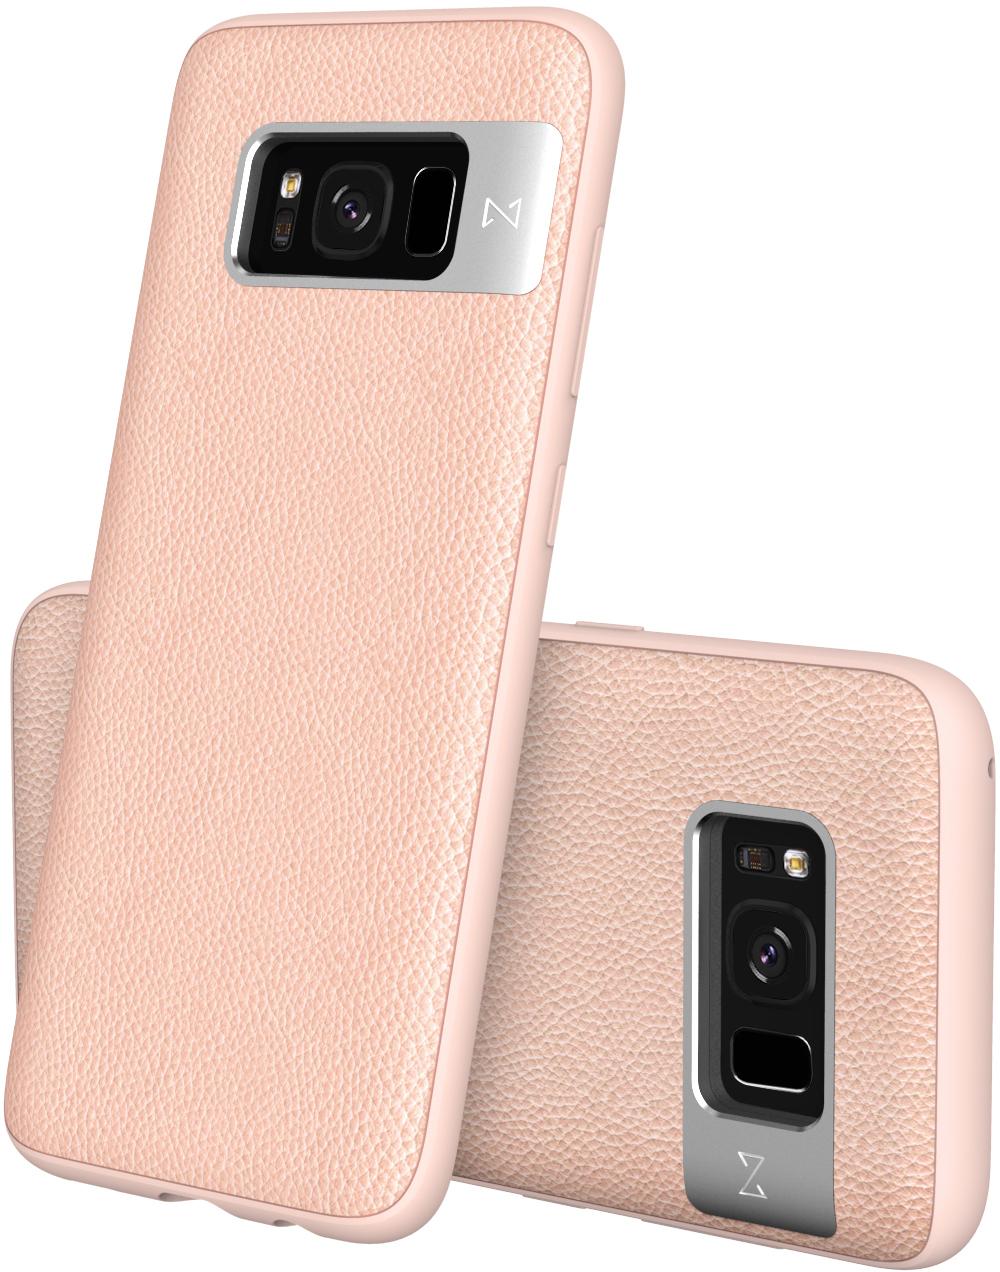 Matchnine Tailor чехол для Samsung Galaxy S8, Baby PinkENV015Чехол Matchnine Tailor - стильный аксессуар, обеспечивающий надежную защиту Samsung Galaxy S8 от ударов и других воздействий. Его задняя панель изготовлена из жесткого поликарбоната, стилизованного под кожу, а бампер - из эластичного полиуретана. Кроме того, он украшен металлической накладкой, обрамляющей камеру.Мягкая рамка позволяет быстро надевать клип-кейс. Она слегка выступает над экраном, защищая его от контактов с твердыми поверхностями.Несмотря на отличные защитные свойства, чехол практически не увеличивает размеры устройства. С ним мобильный девайс можно носить в кармане или в специальном отделении сумки. Вырезы в клип-кейсе предоставляют доступ к важнейшим деталям смартфона, включая камеры, кнопки и разъемы.